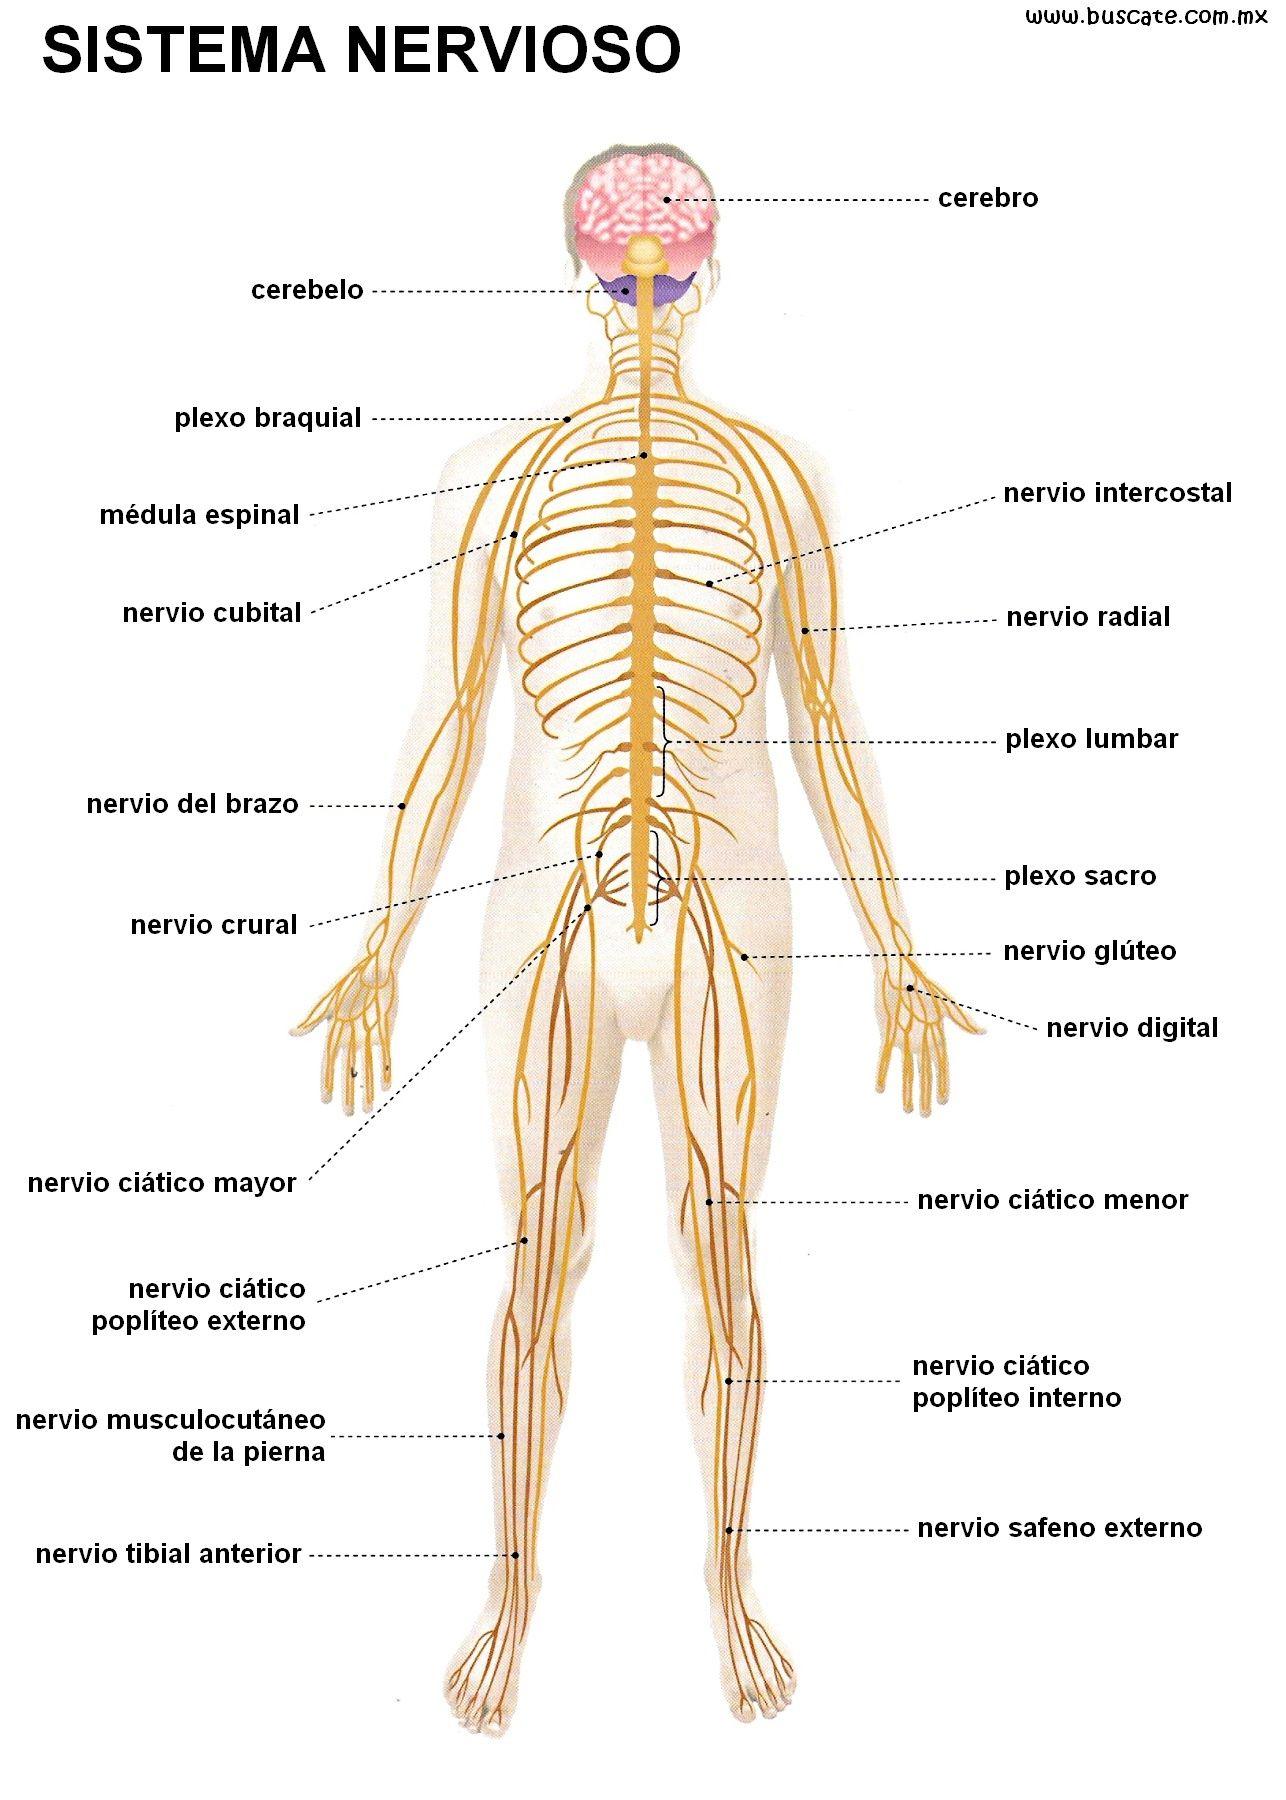 Famoso Nombres De Los Nervios Del Cuerpo Humano Elaboración ...